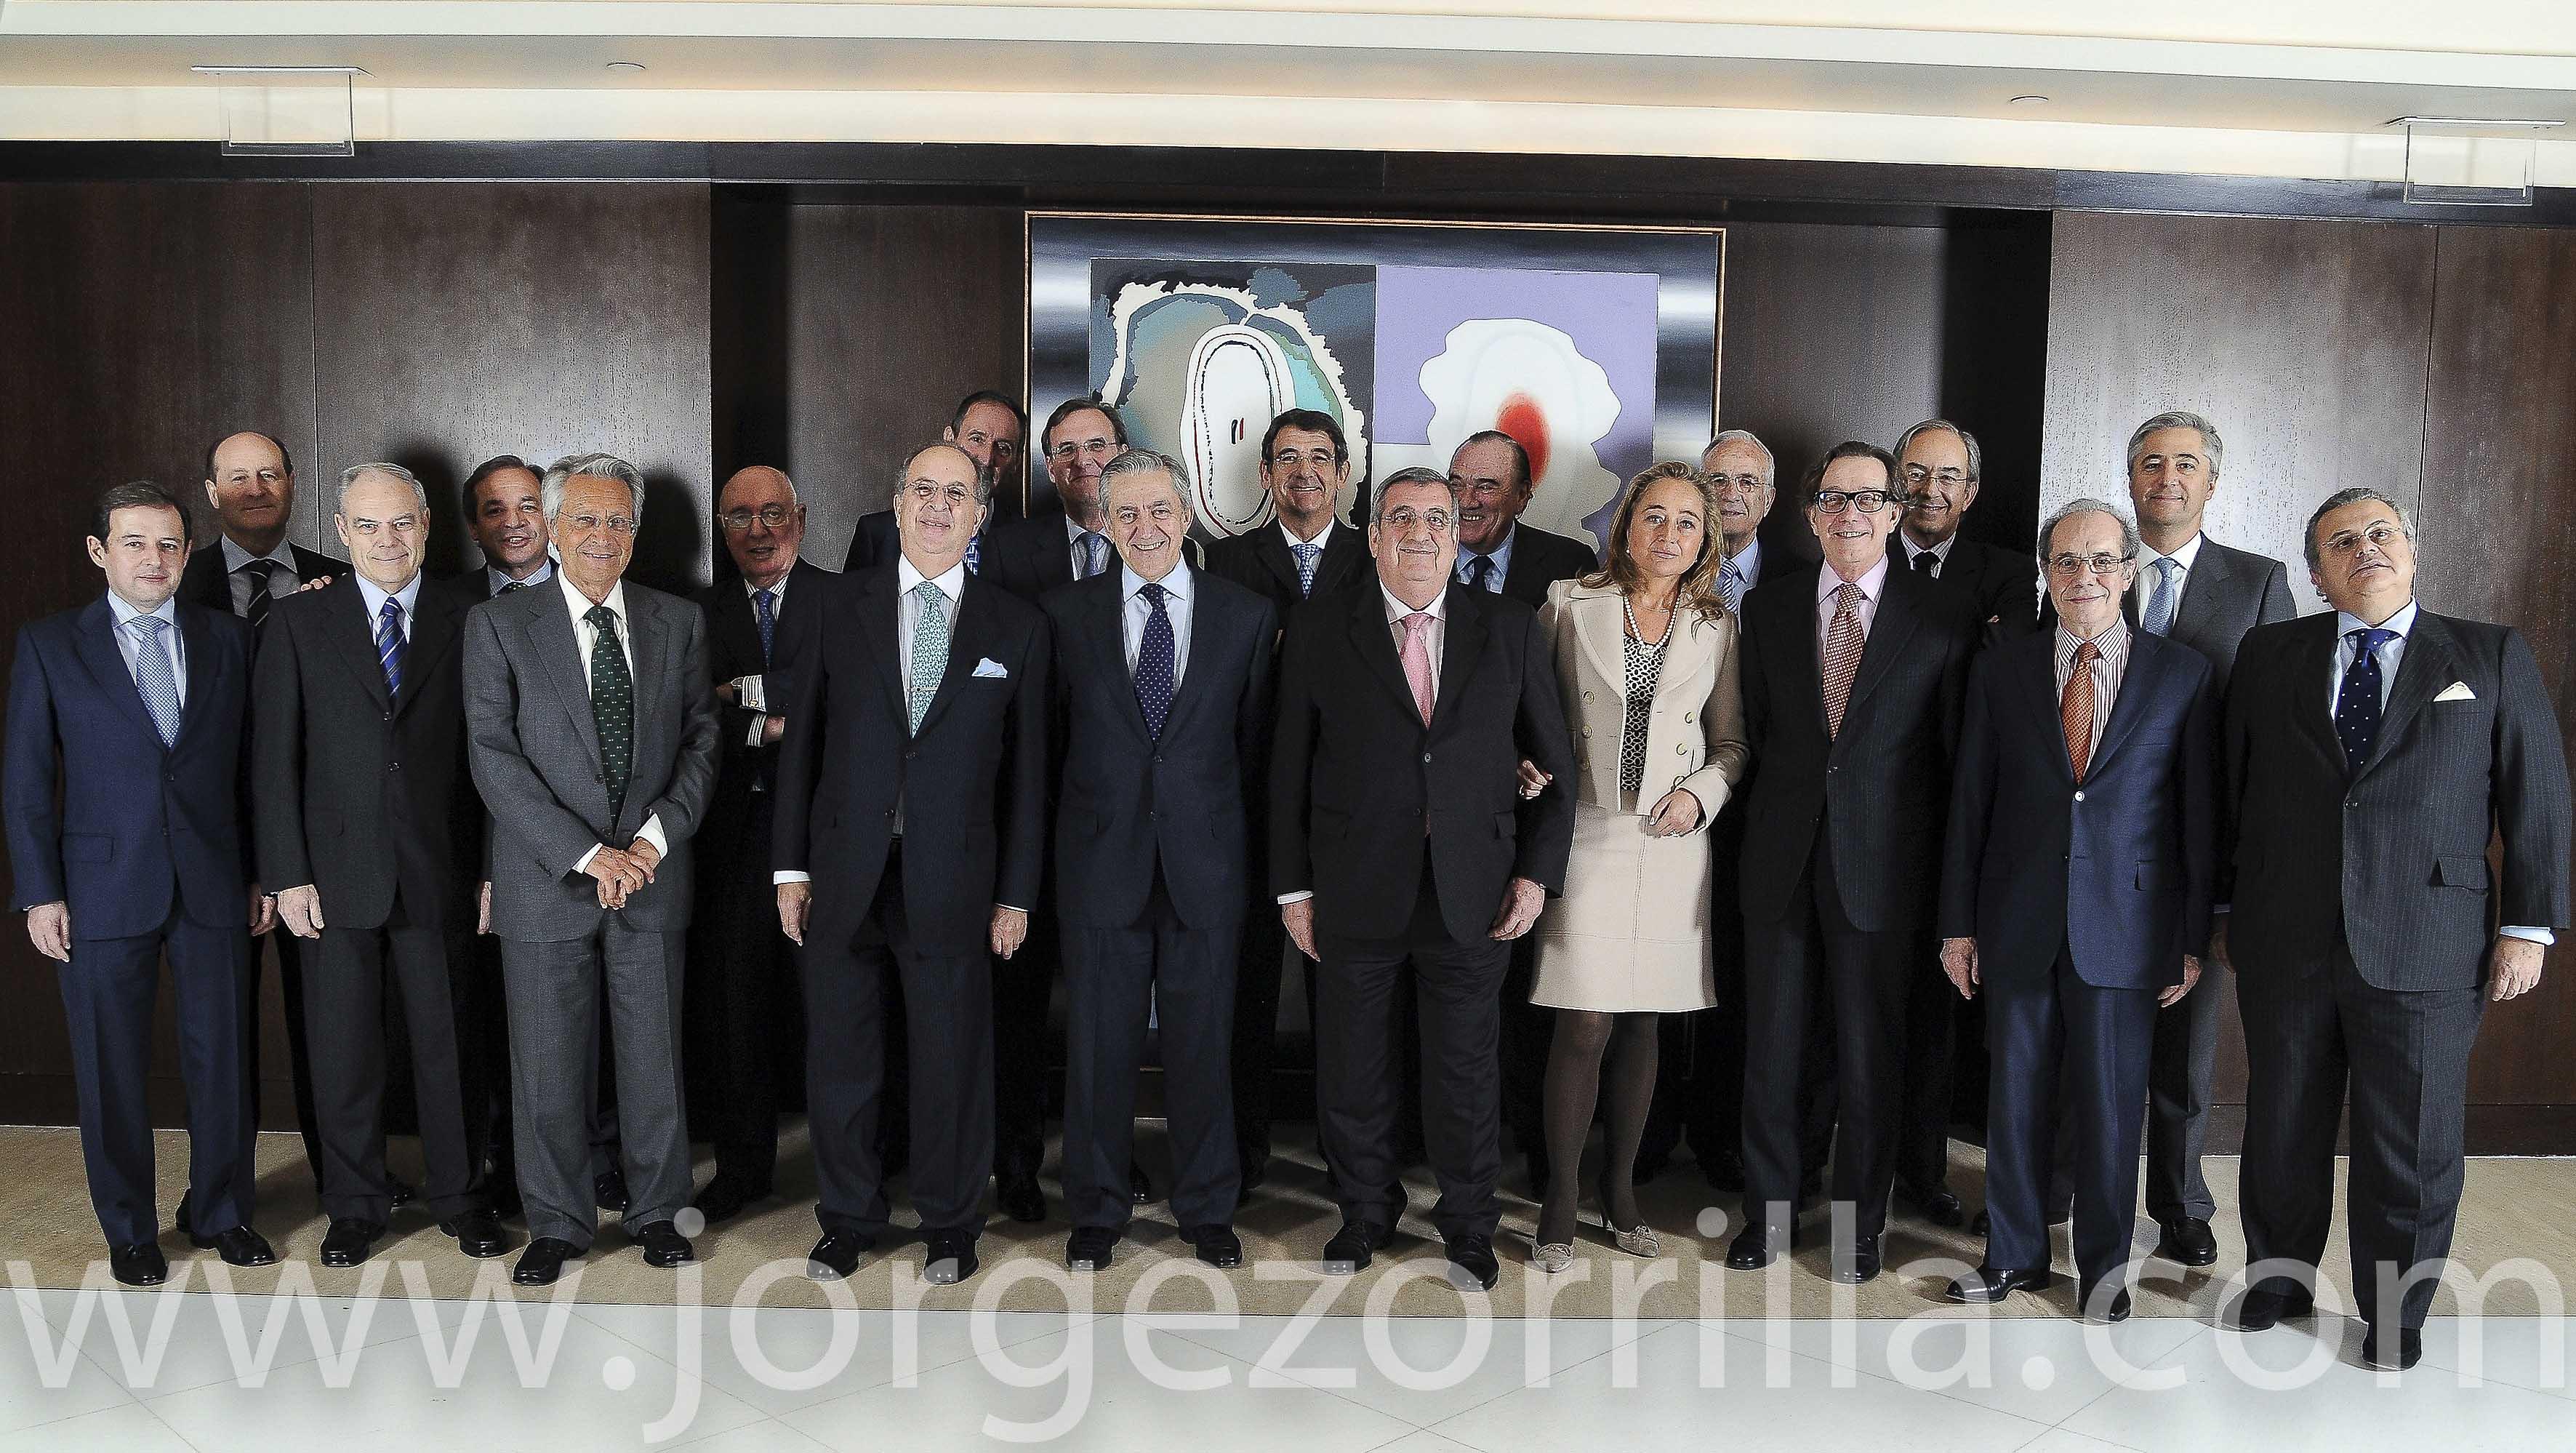 Fotografía Directivos Unión Fenosa © Jorge Zorrilla Fotógrafo Madrid